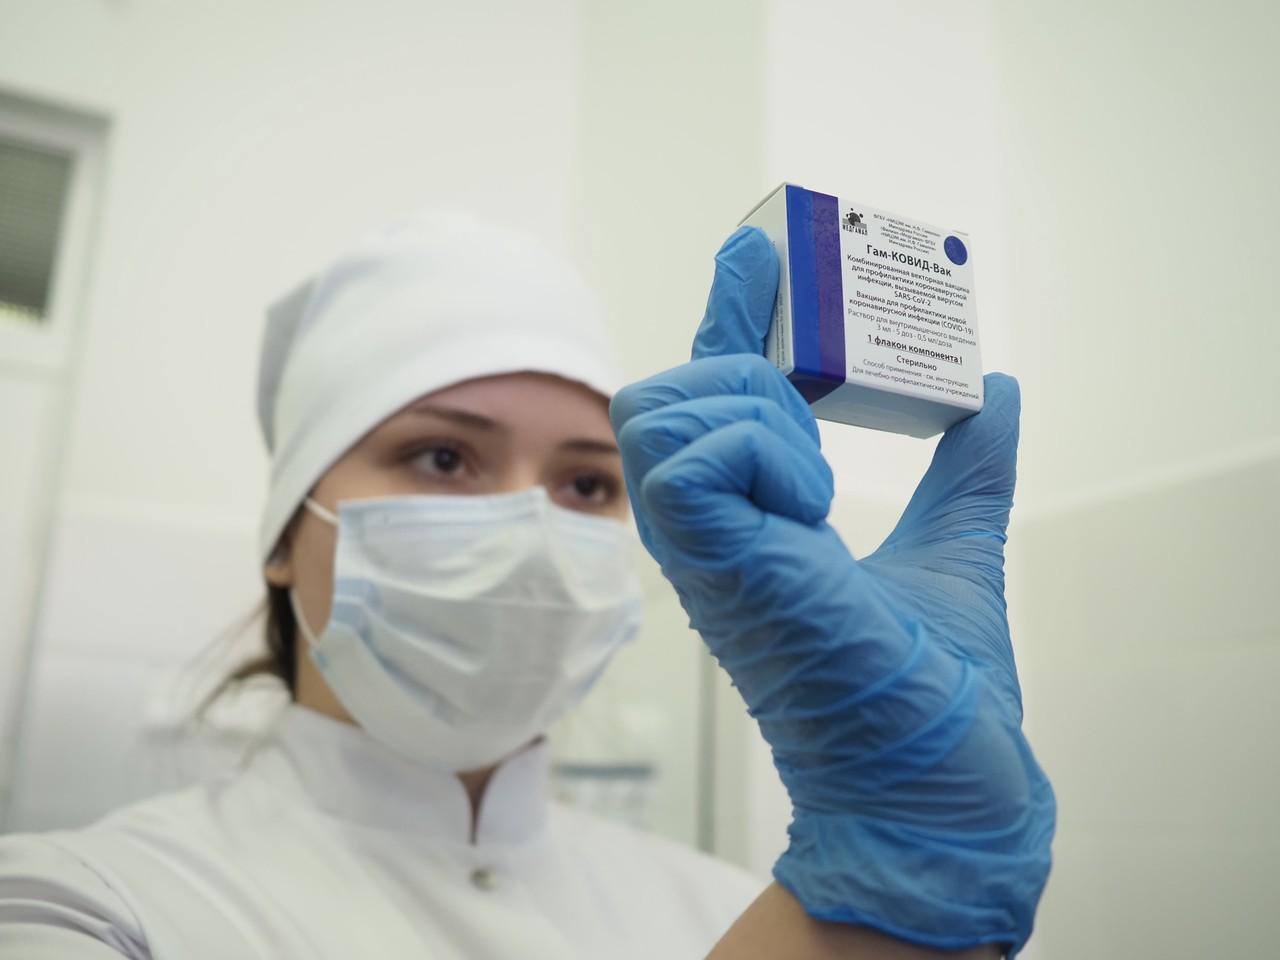 Пункты вакцинации от коронавируса заработали в двух торговых центрах на юге Москвы